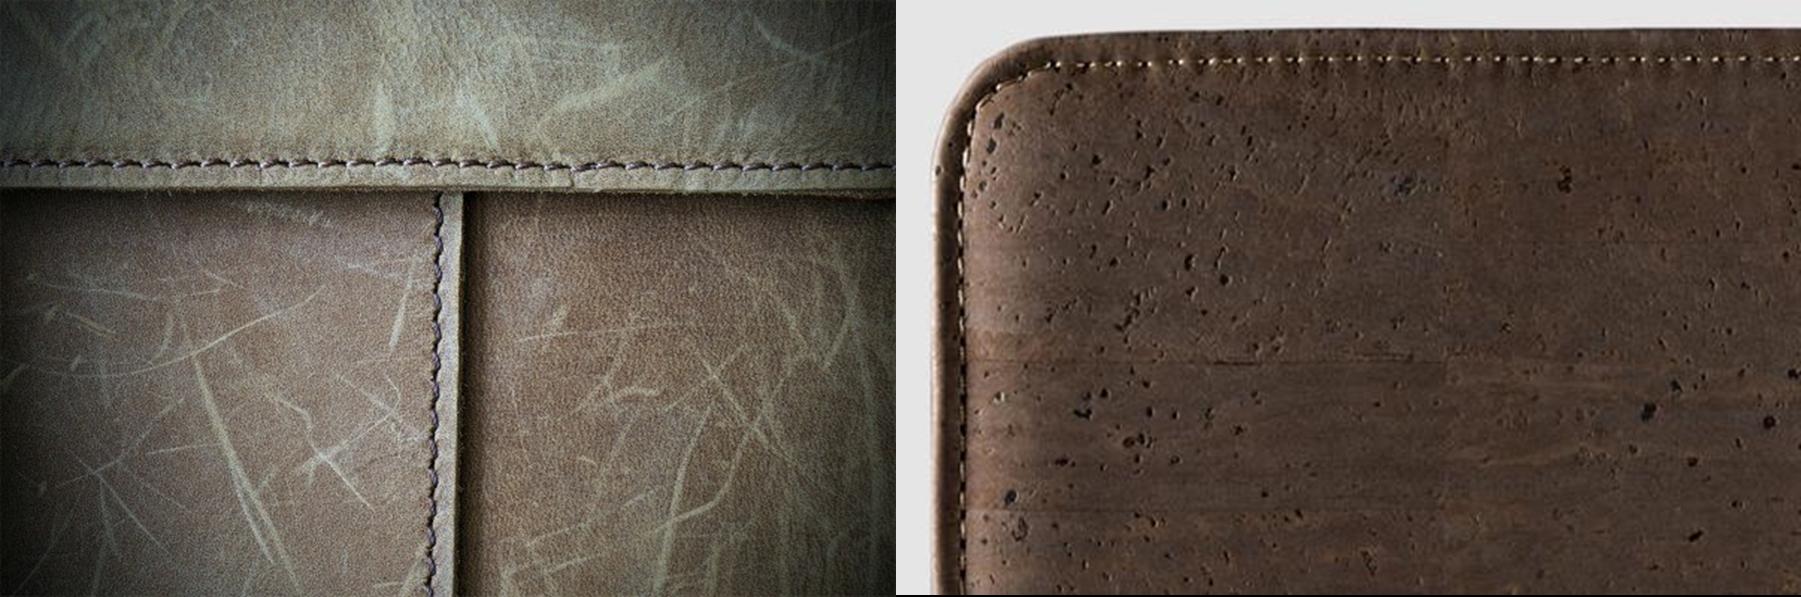 4 dôvody prečo je korok lepší ako živočíšna koža